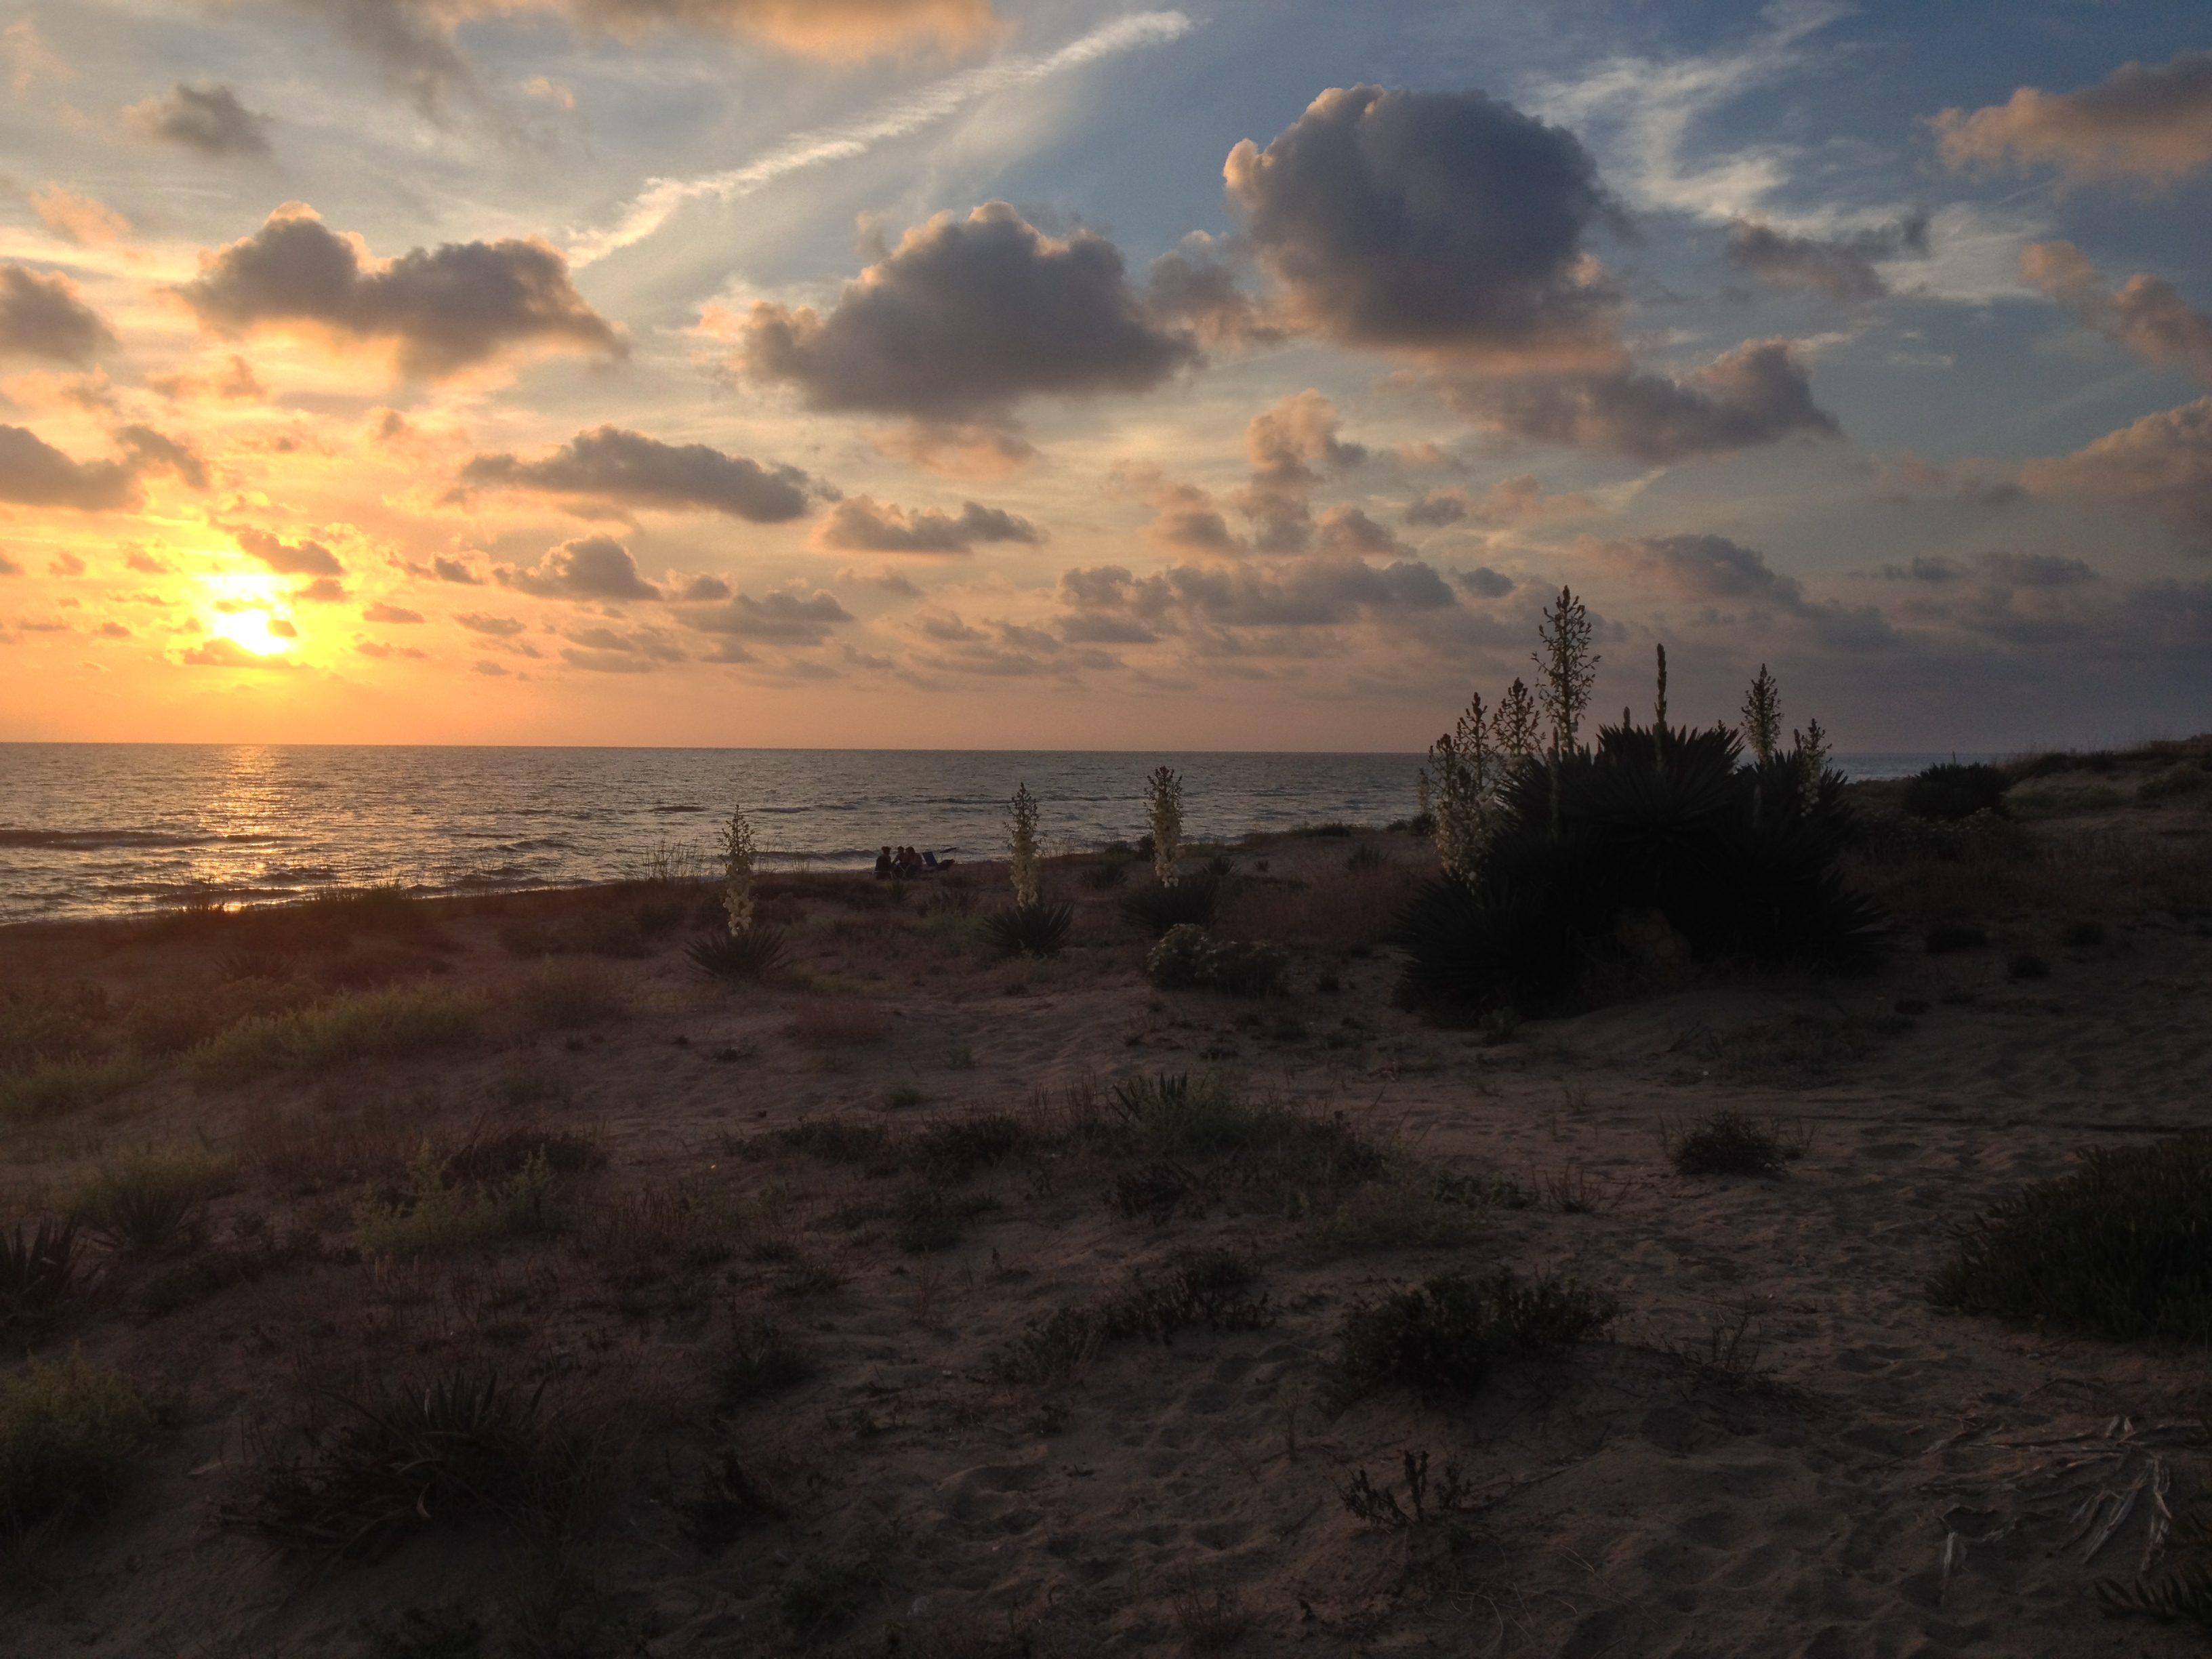 Enea sbarcò su una spiaggia di Torvaianica vicino a Lavinium, la città madre dei latini